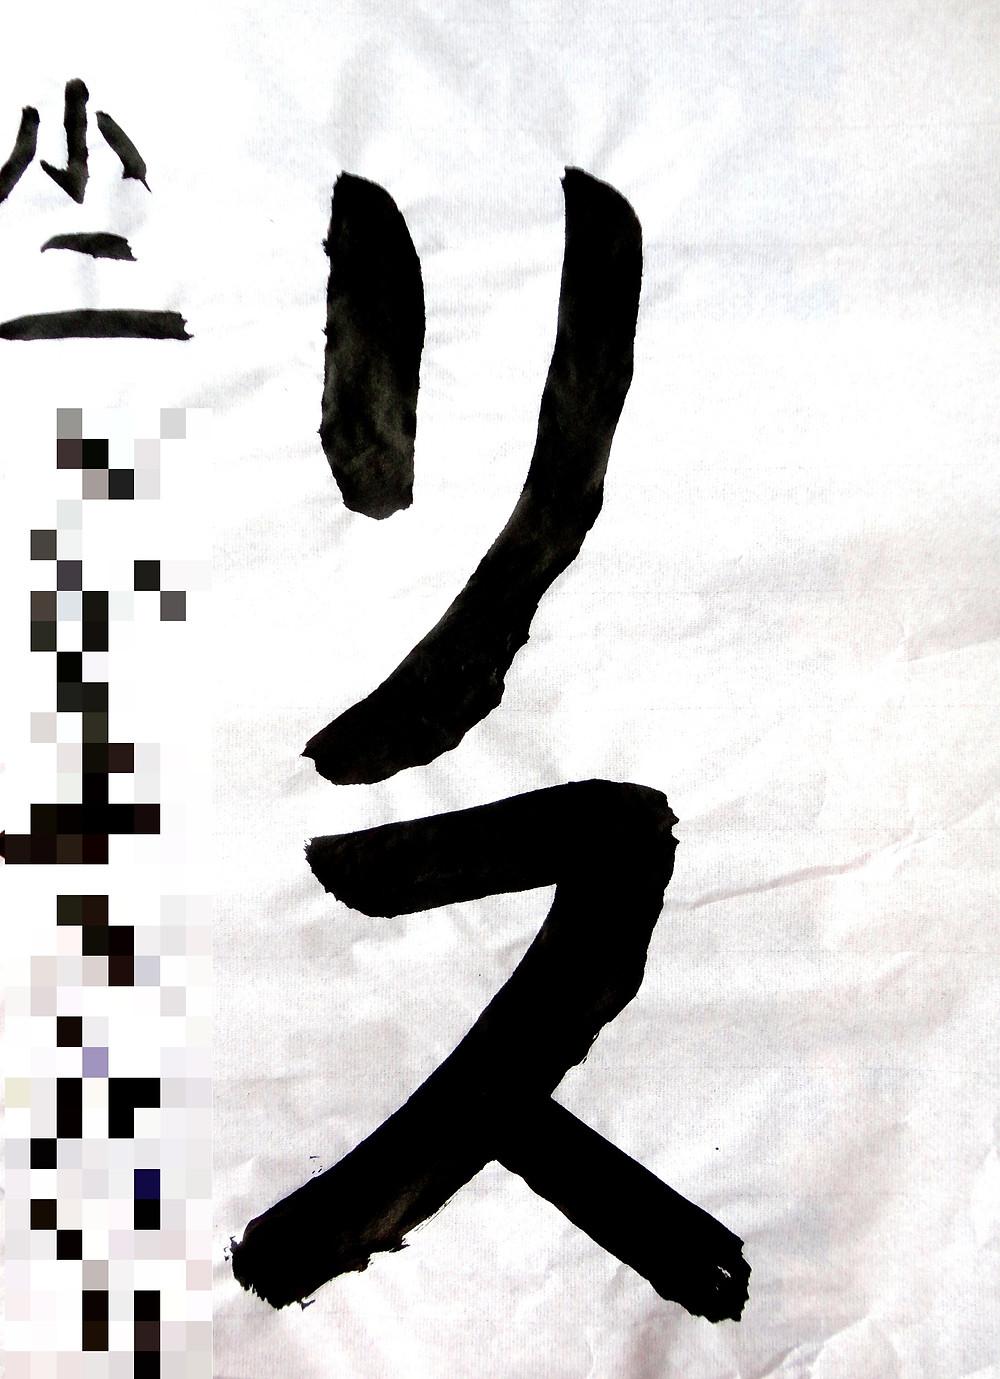 リス.jpg